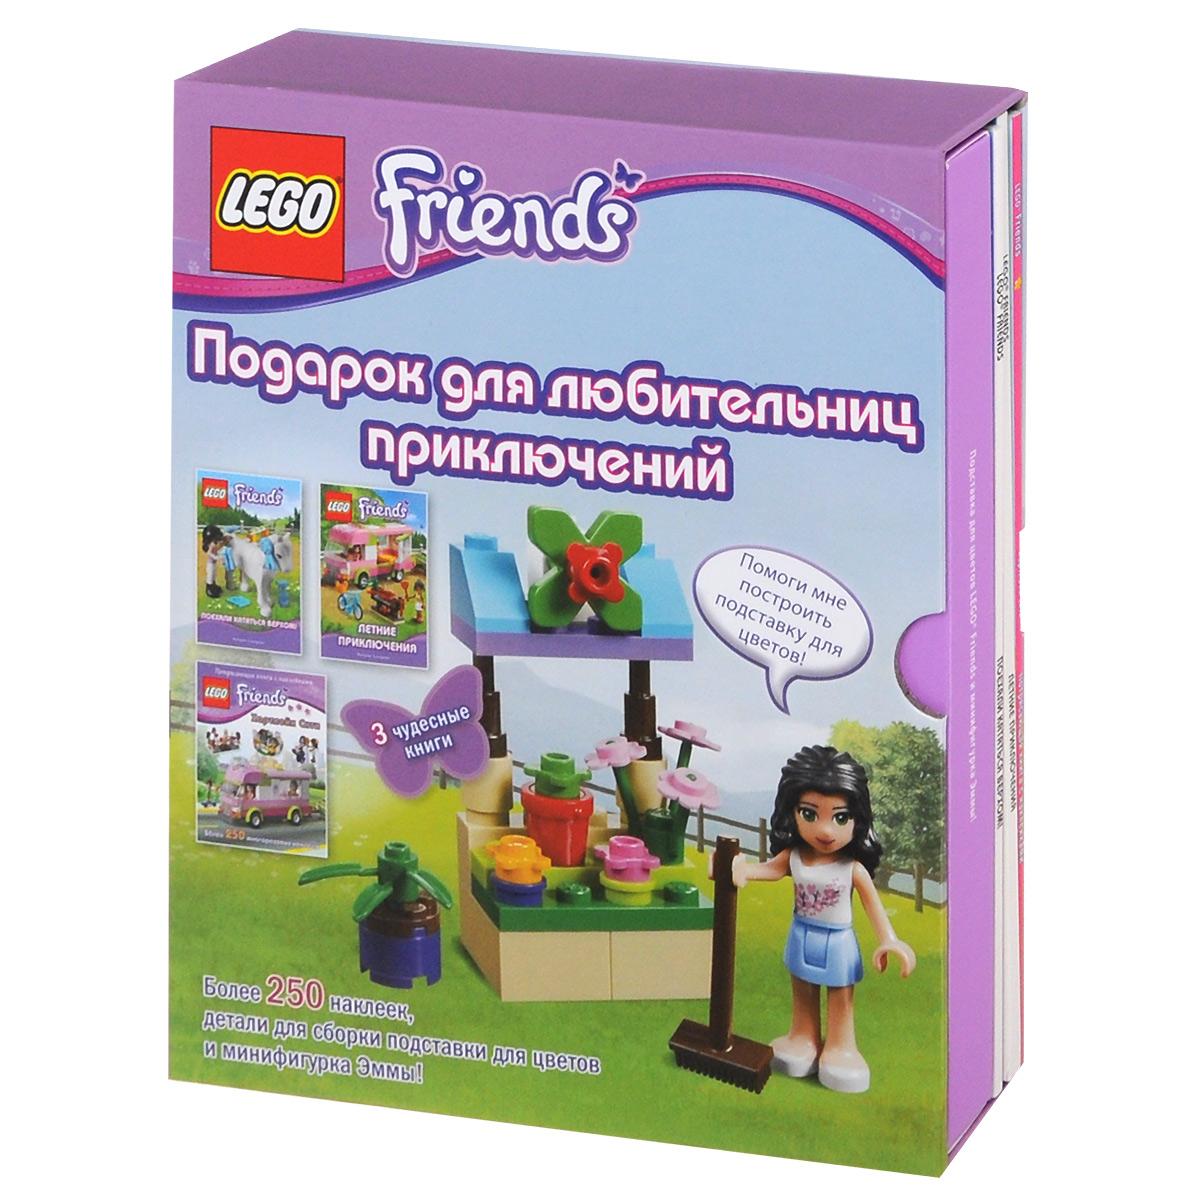 Подарок для любительниц приключений (комплект из 2 книг + набор наклеек + мини-набор LEGO)